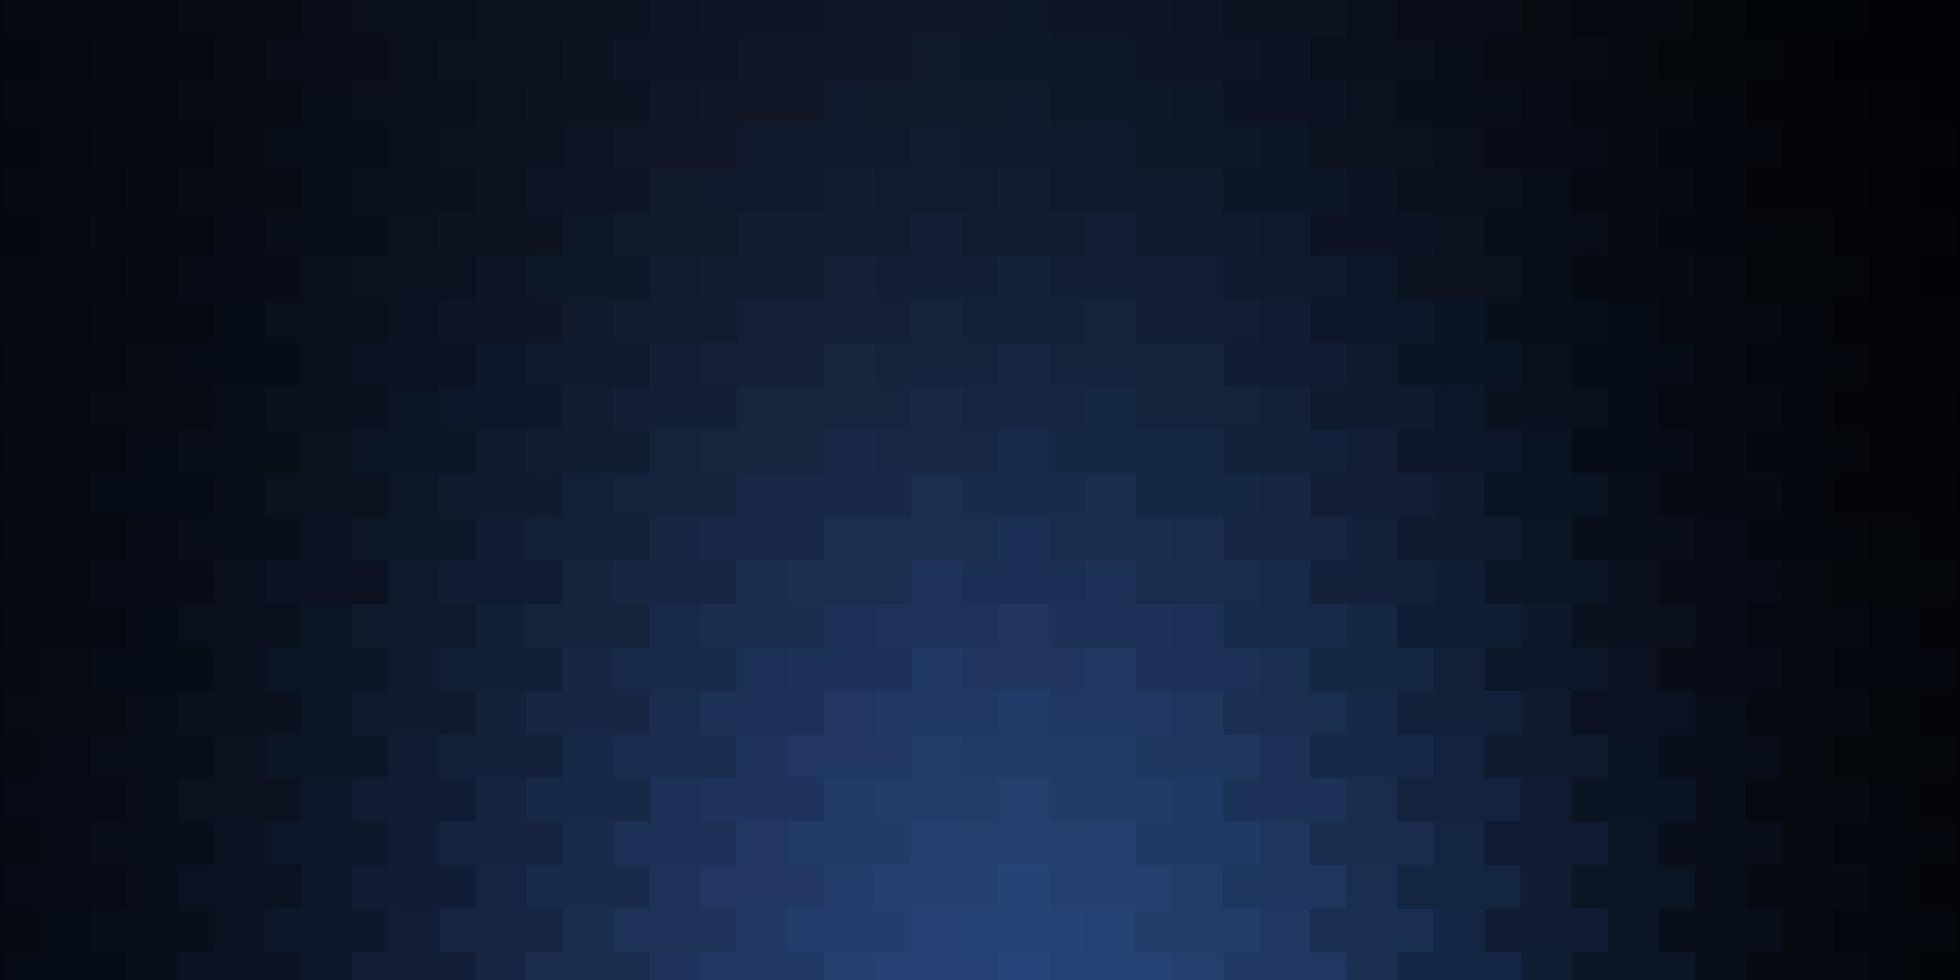 donkerblauwe vectorachtergrond met rechthoeken. vector